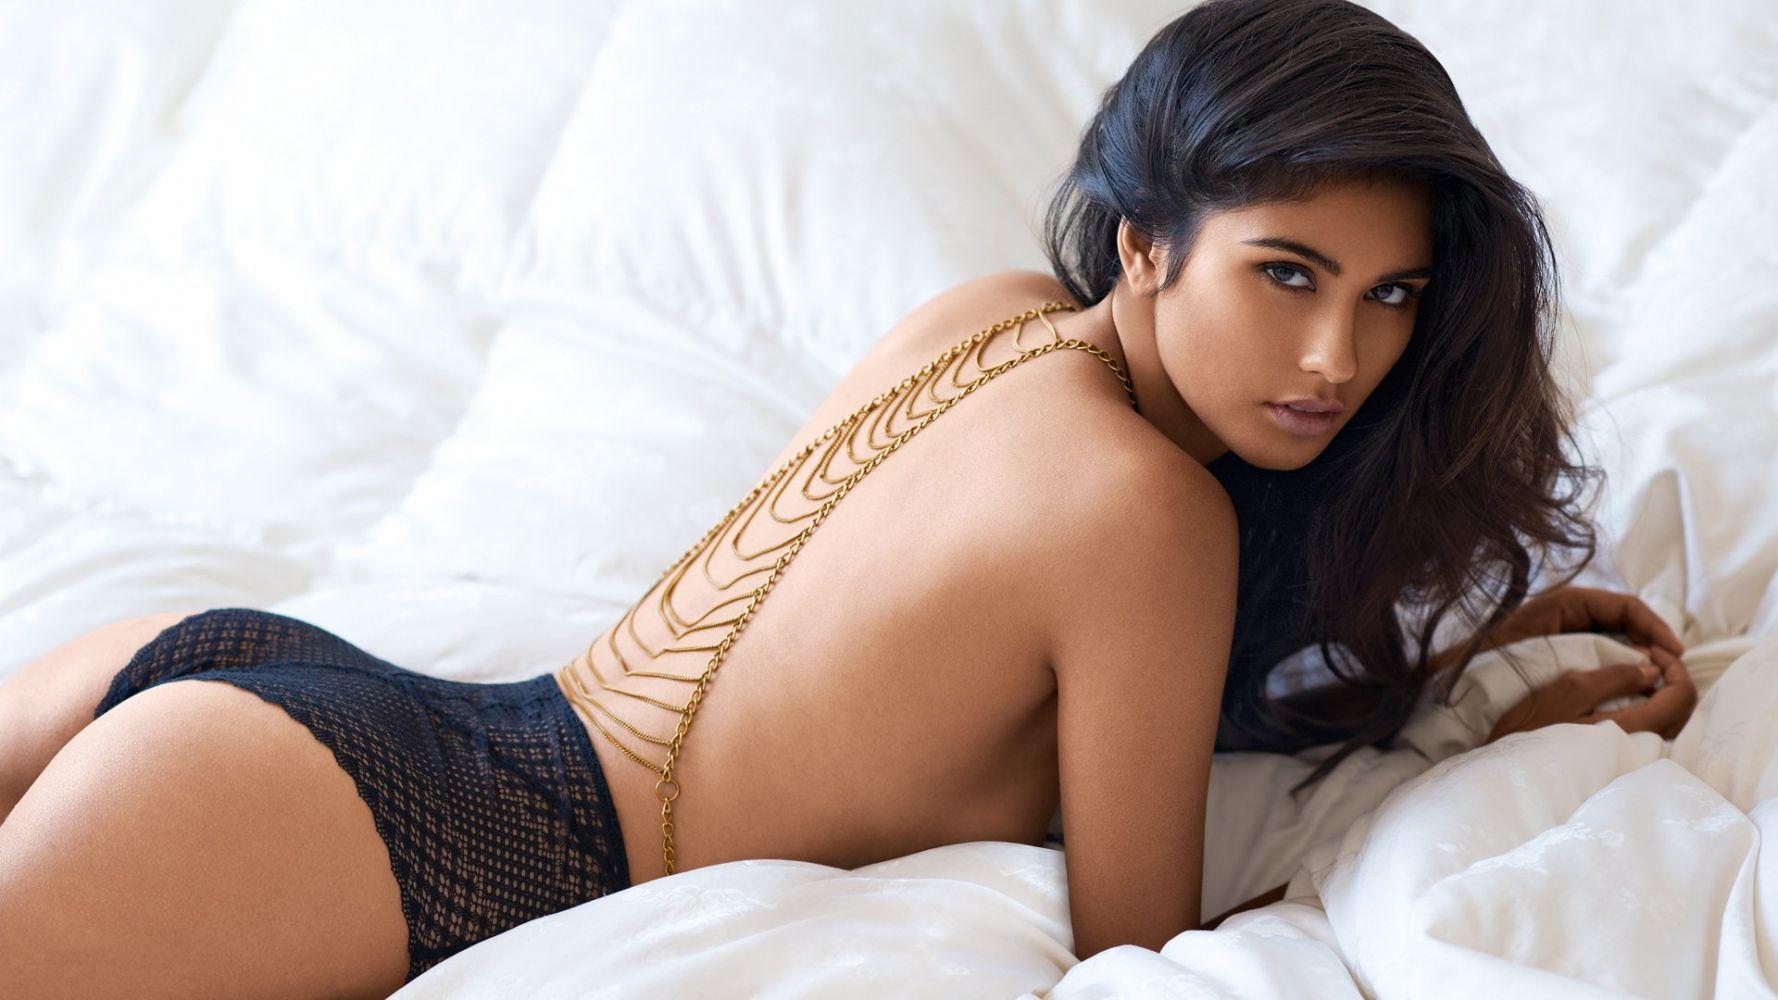 Hot bangalore girl banged hard